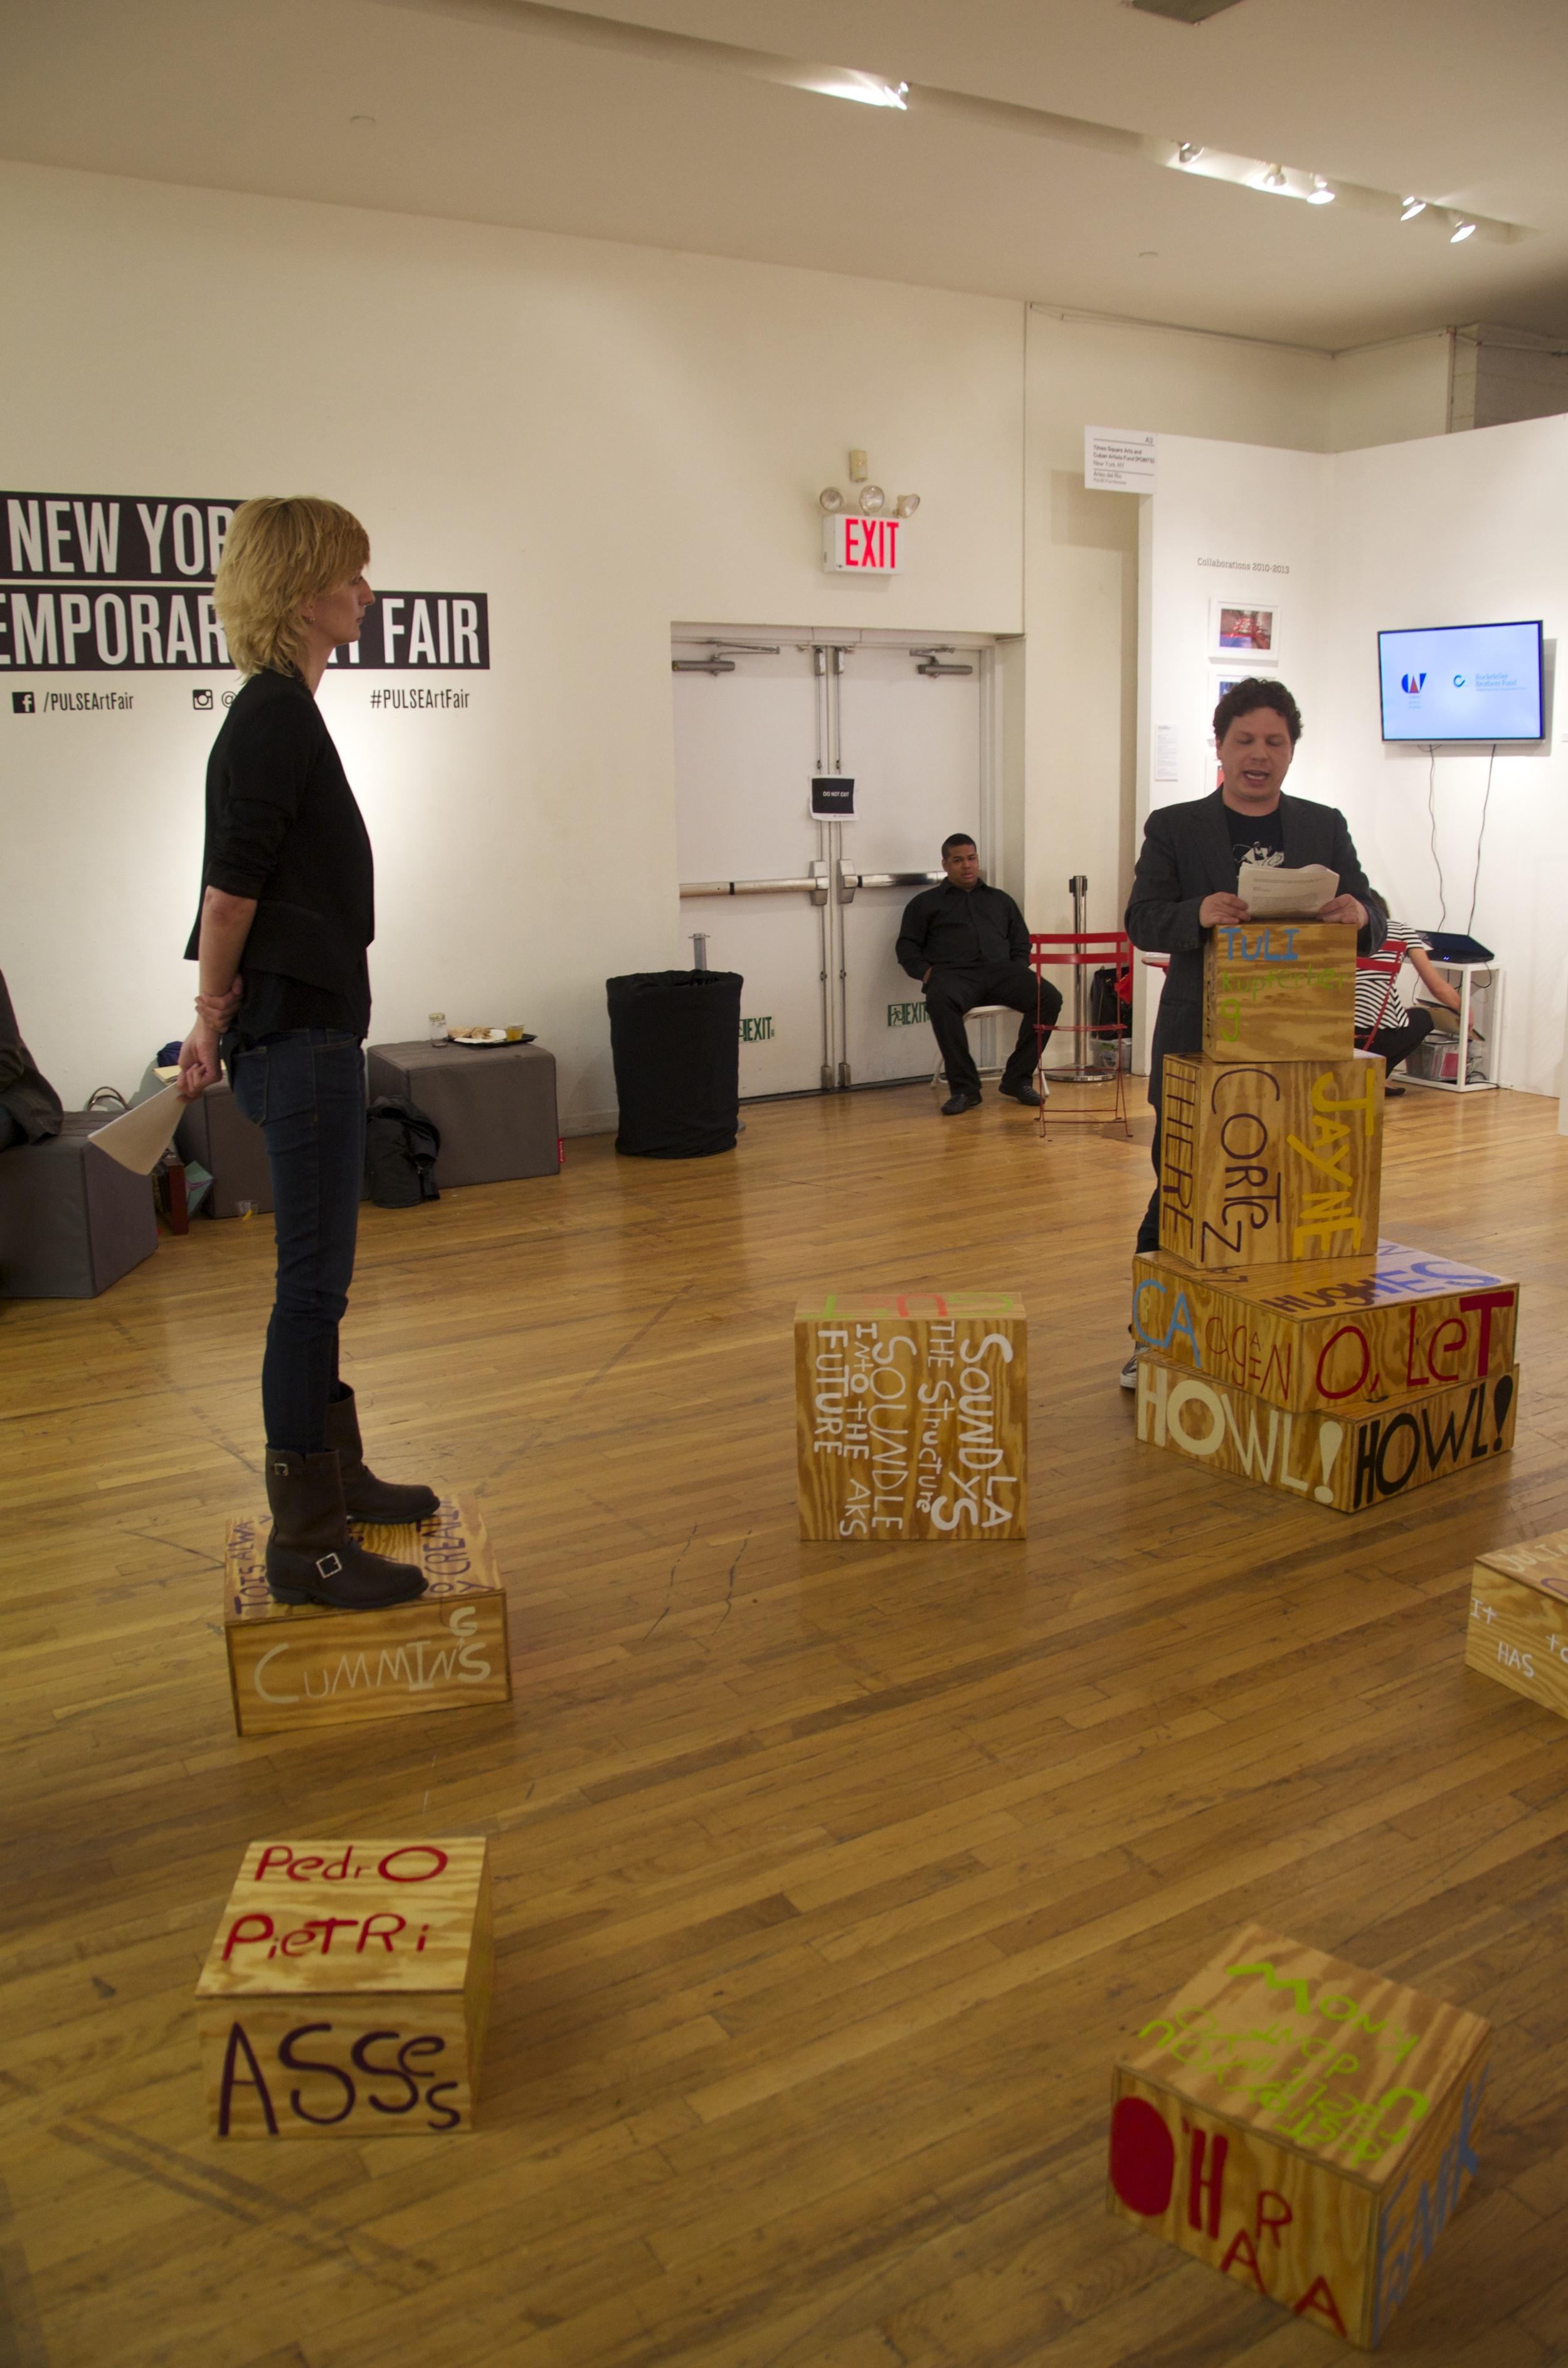 Poet Sculpture PULSE Art Fair, Joe Pan, New York, NY 2014.jpg